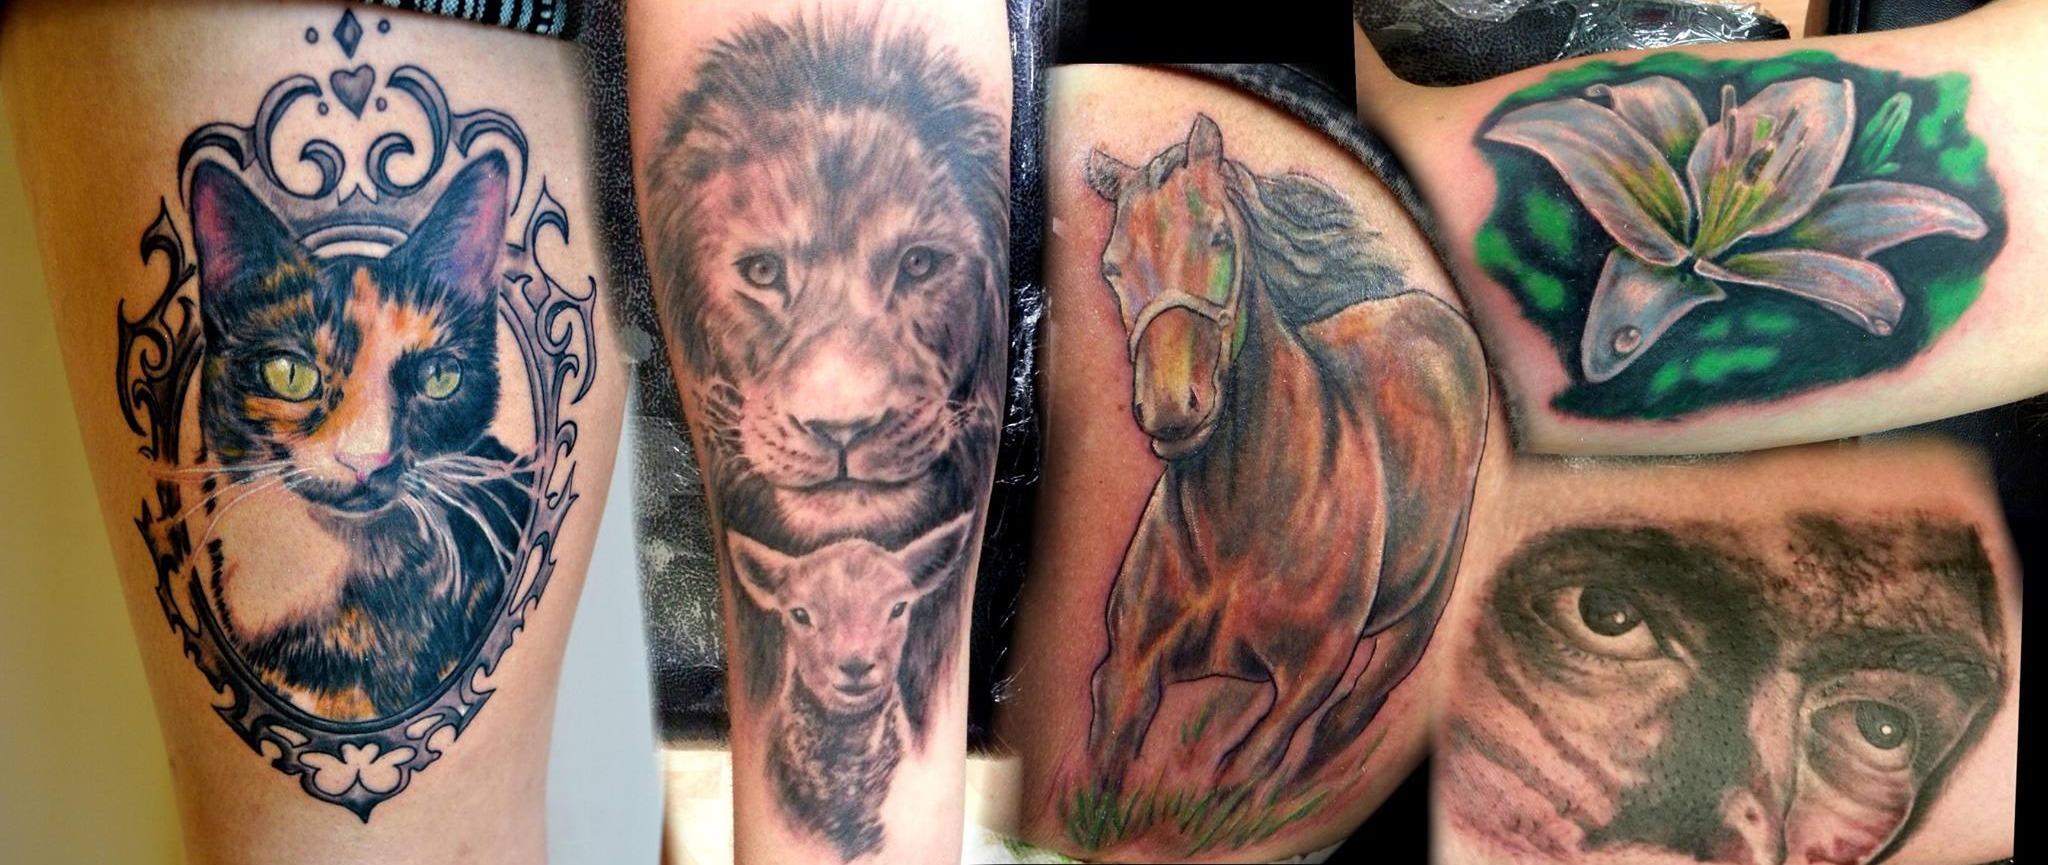 Alpha & Omega Tattoo Parlor image 1